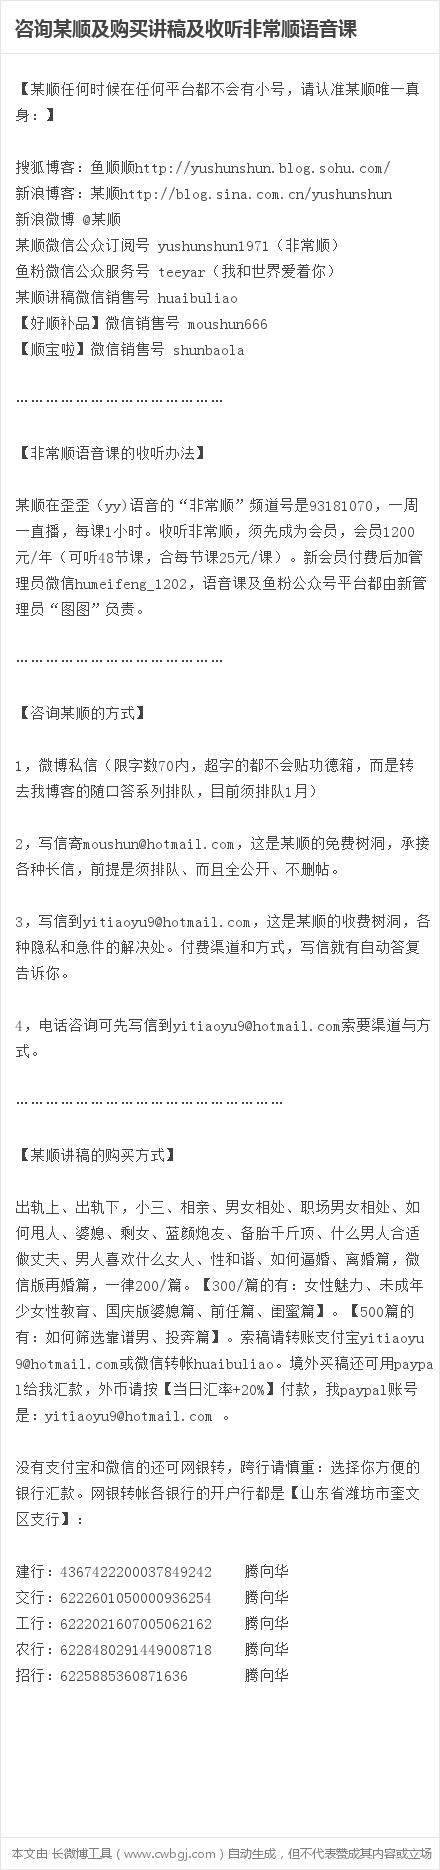 顺口答二二零七 - yushunshun - 鱼顺顺的博客